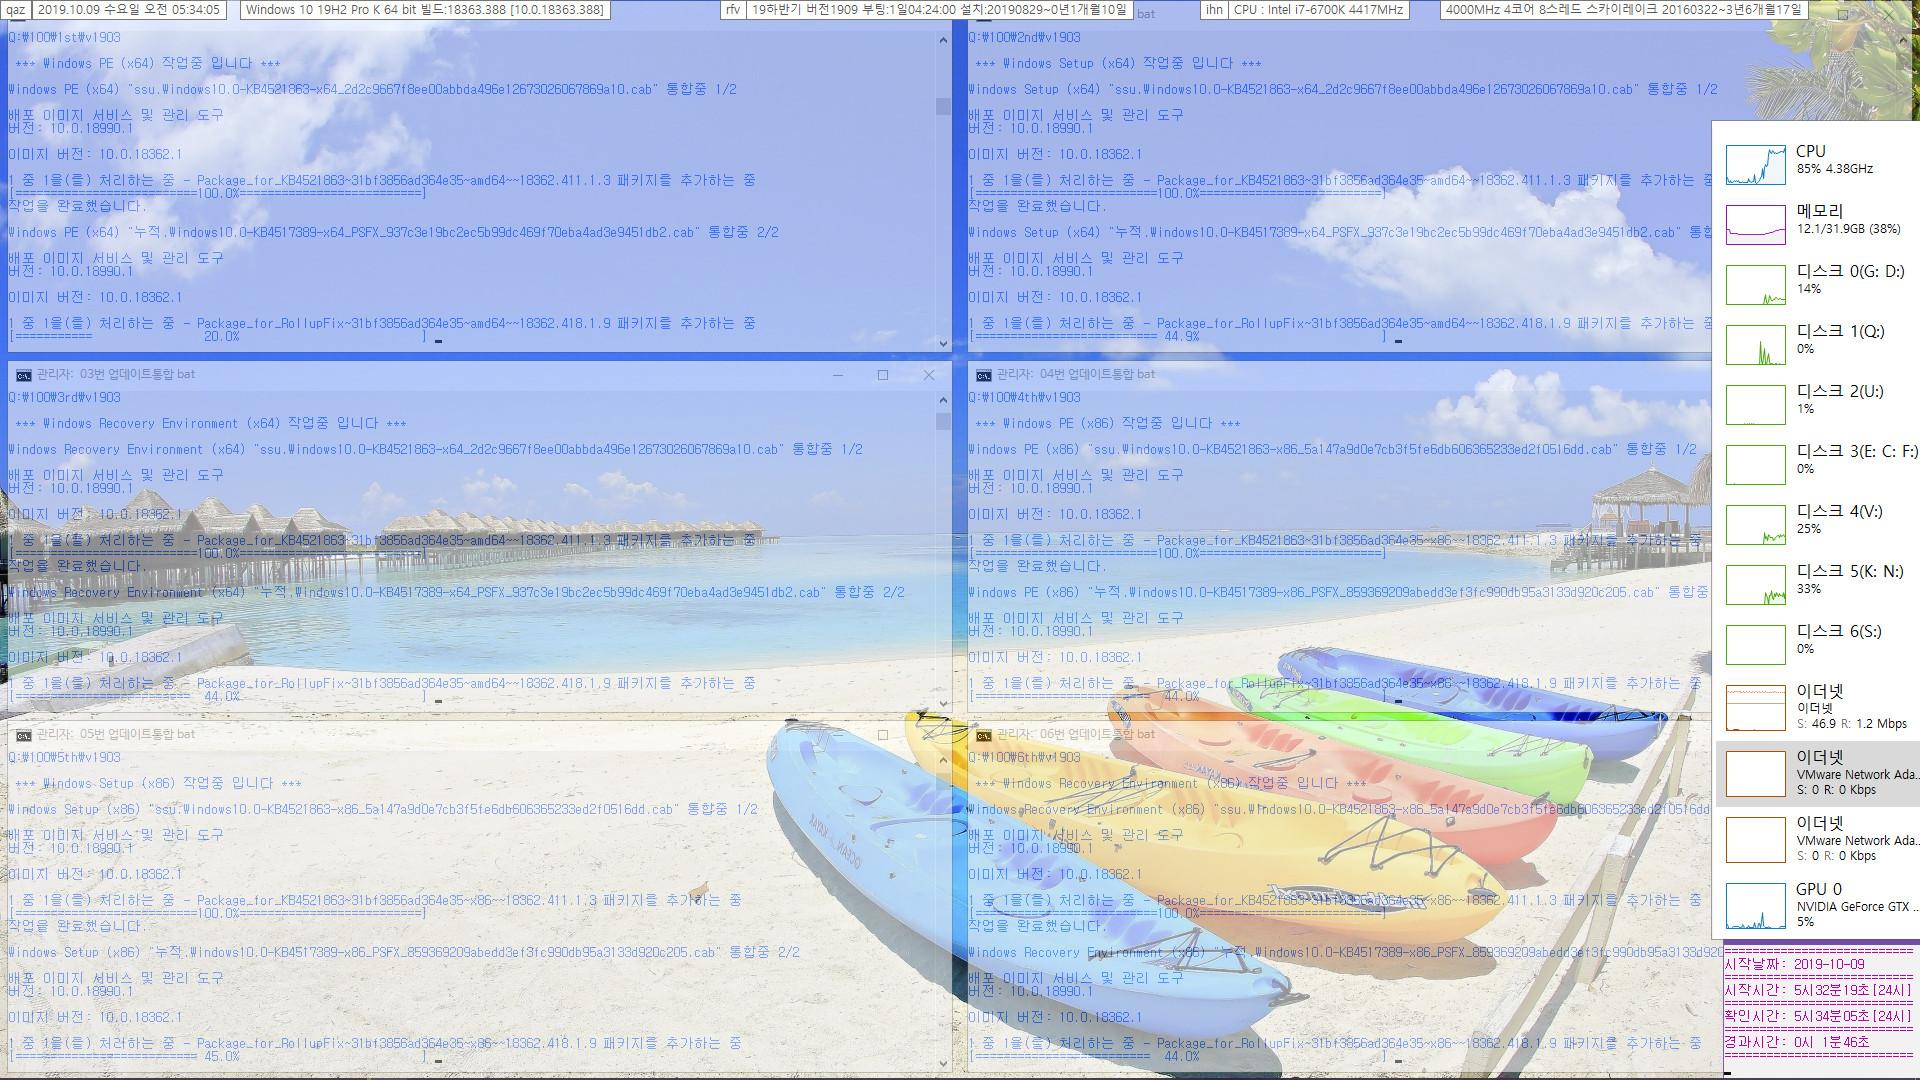 2019년 10월 9일 정기 업데이트 나왔네요 - Windows 10 버전 1903 누적 업데이트 KB4517389 (OS 빌드 18362.418) [2019-10-08 일자] - boot.wim과 winre.wim 통합중 입니다 2019-10-09_053405.jpg